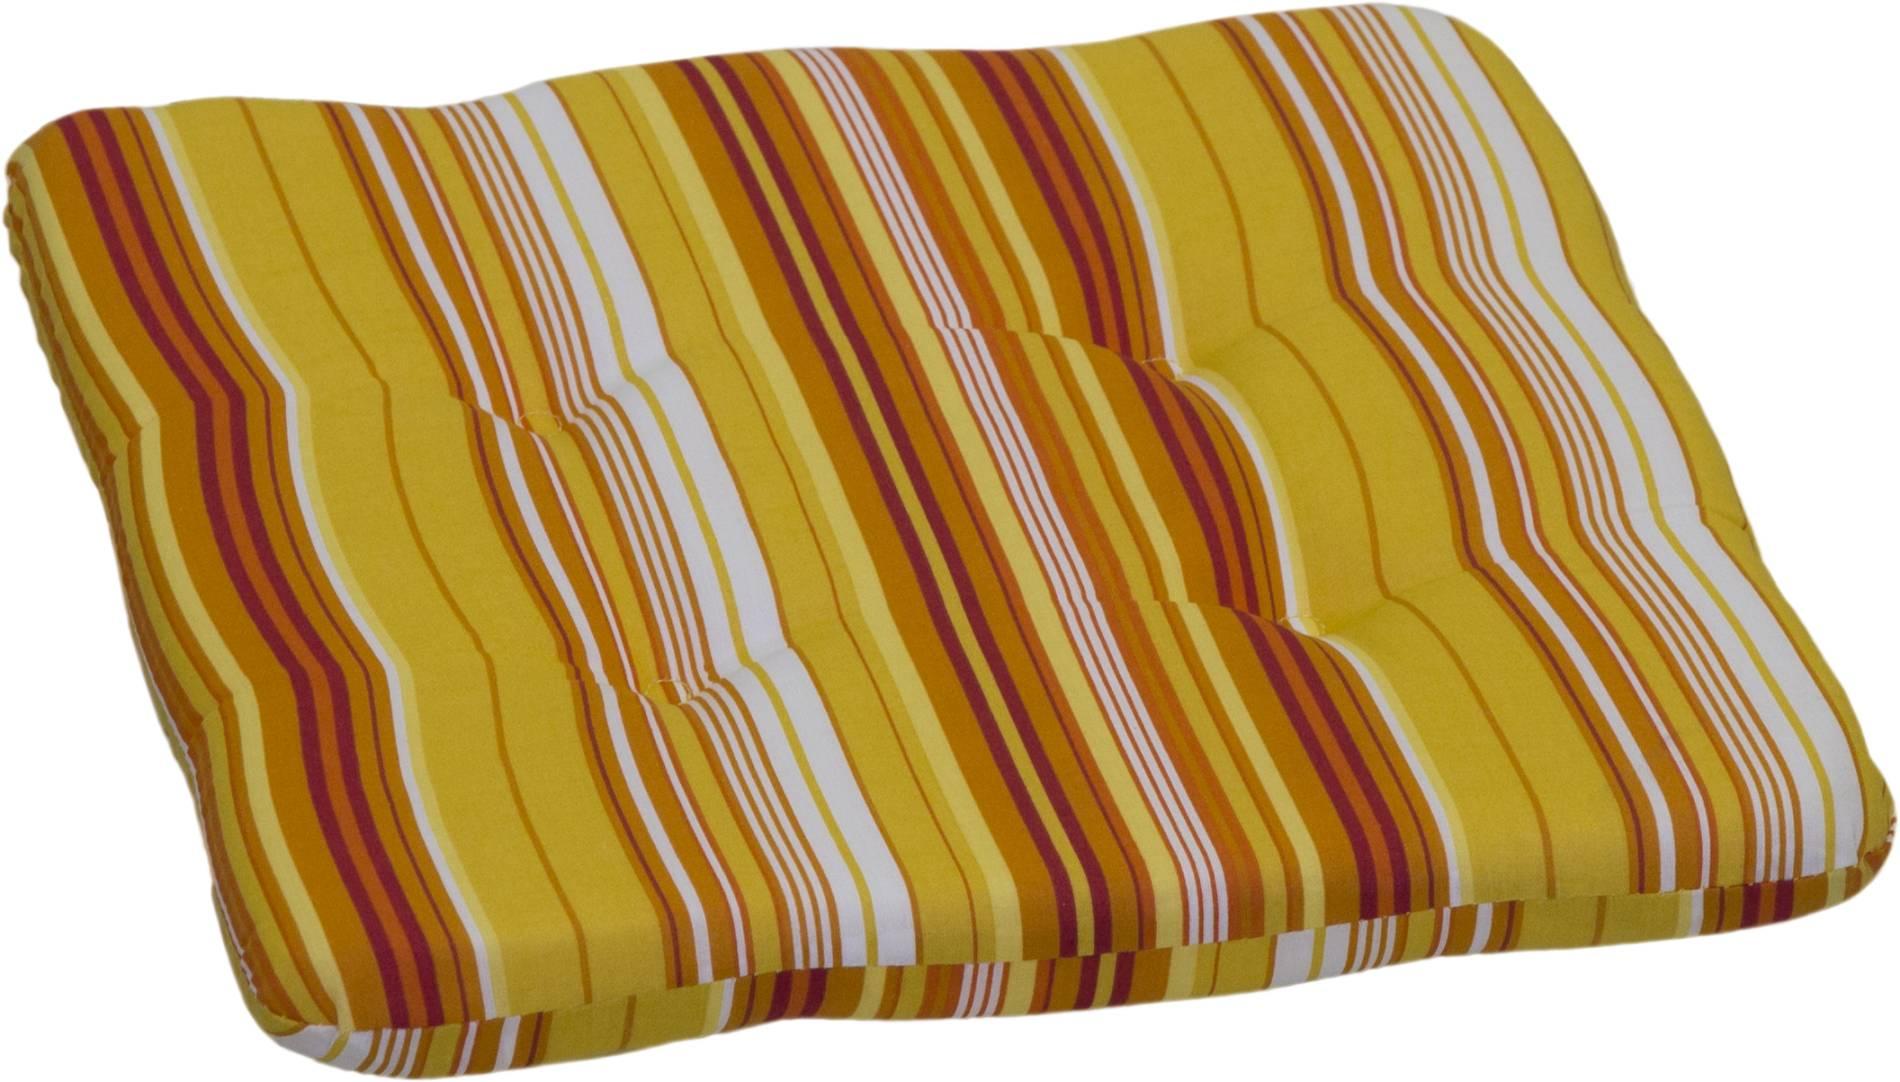 Orange gestreifte Sitzkissen Stuhlkissen ca. 36x36 cm